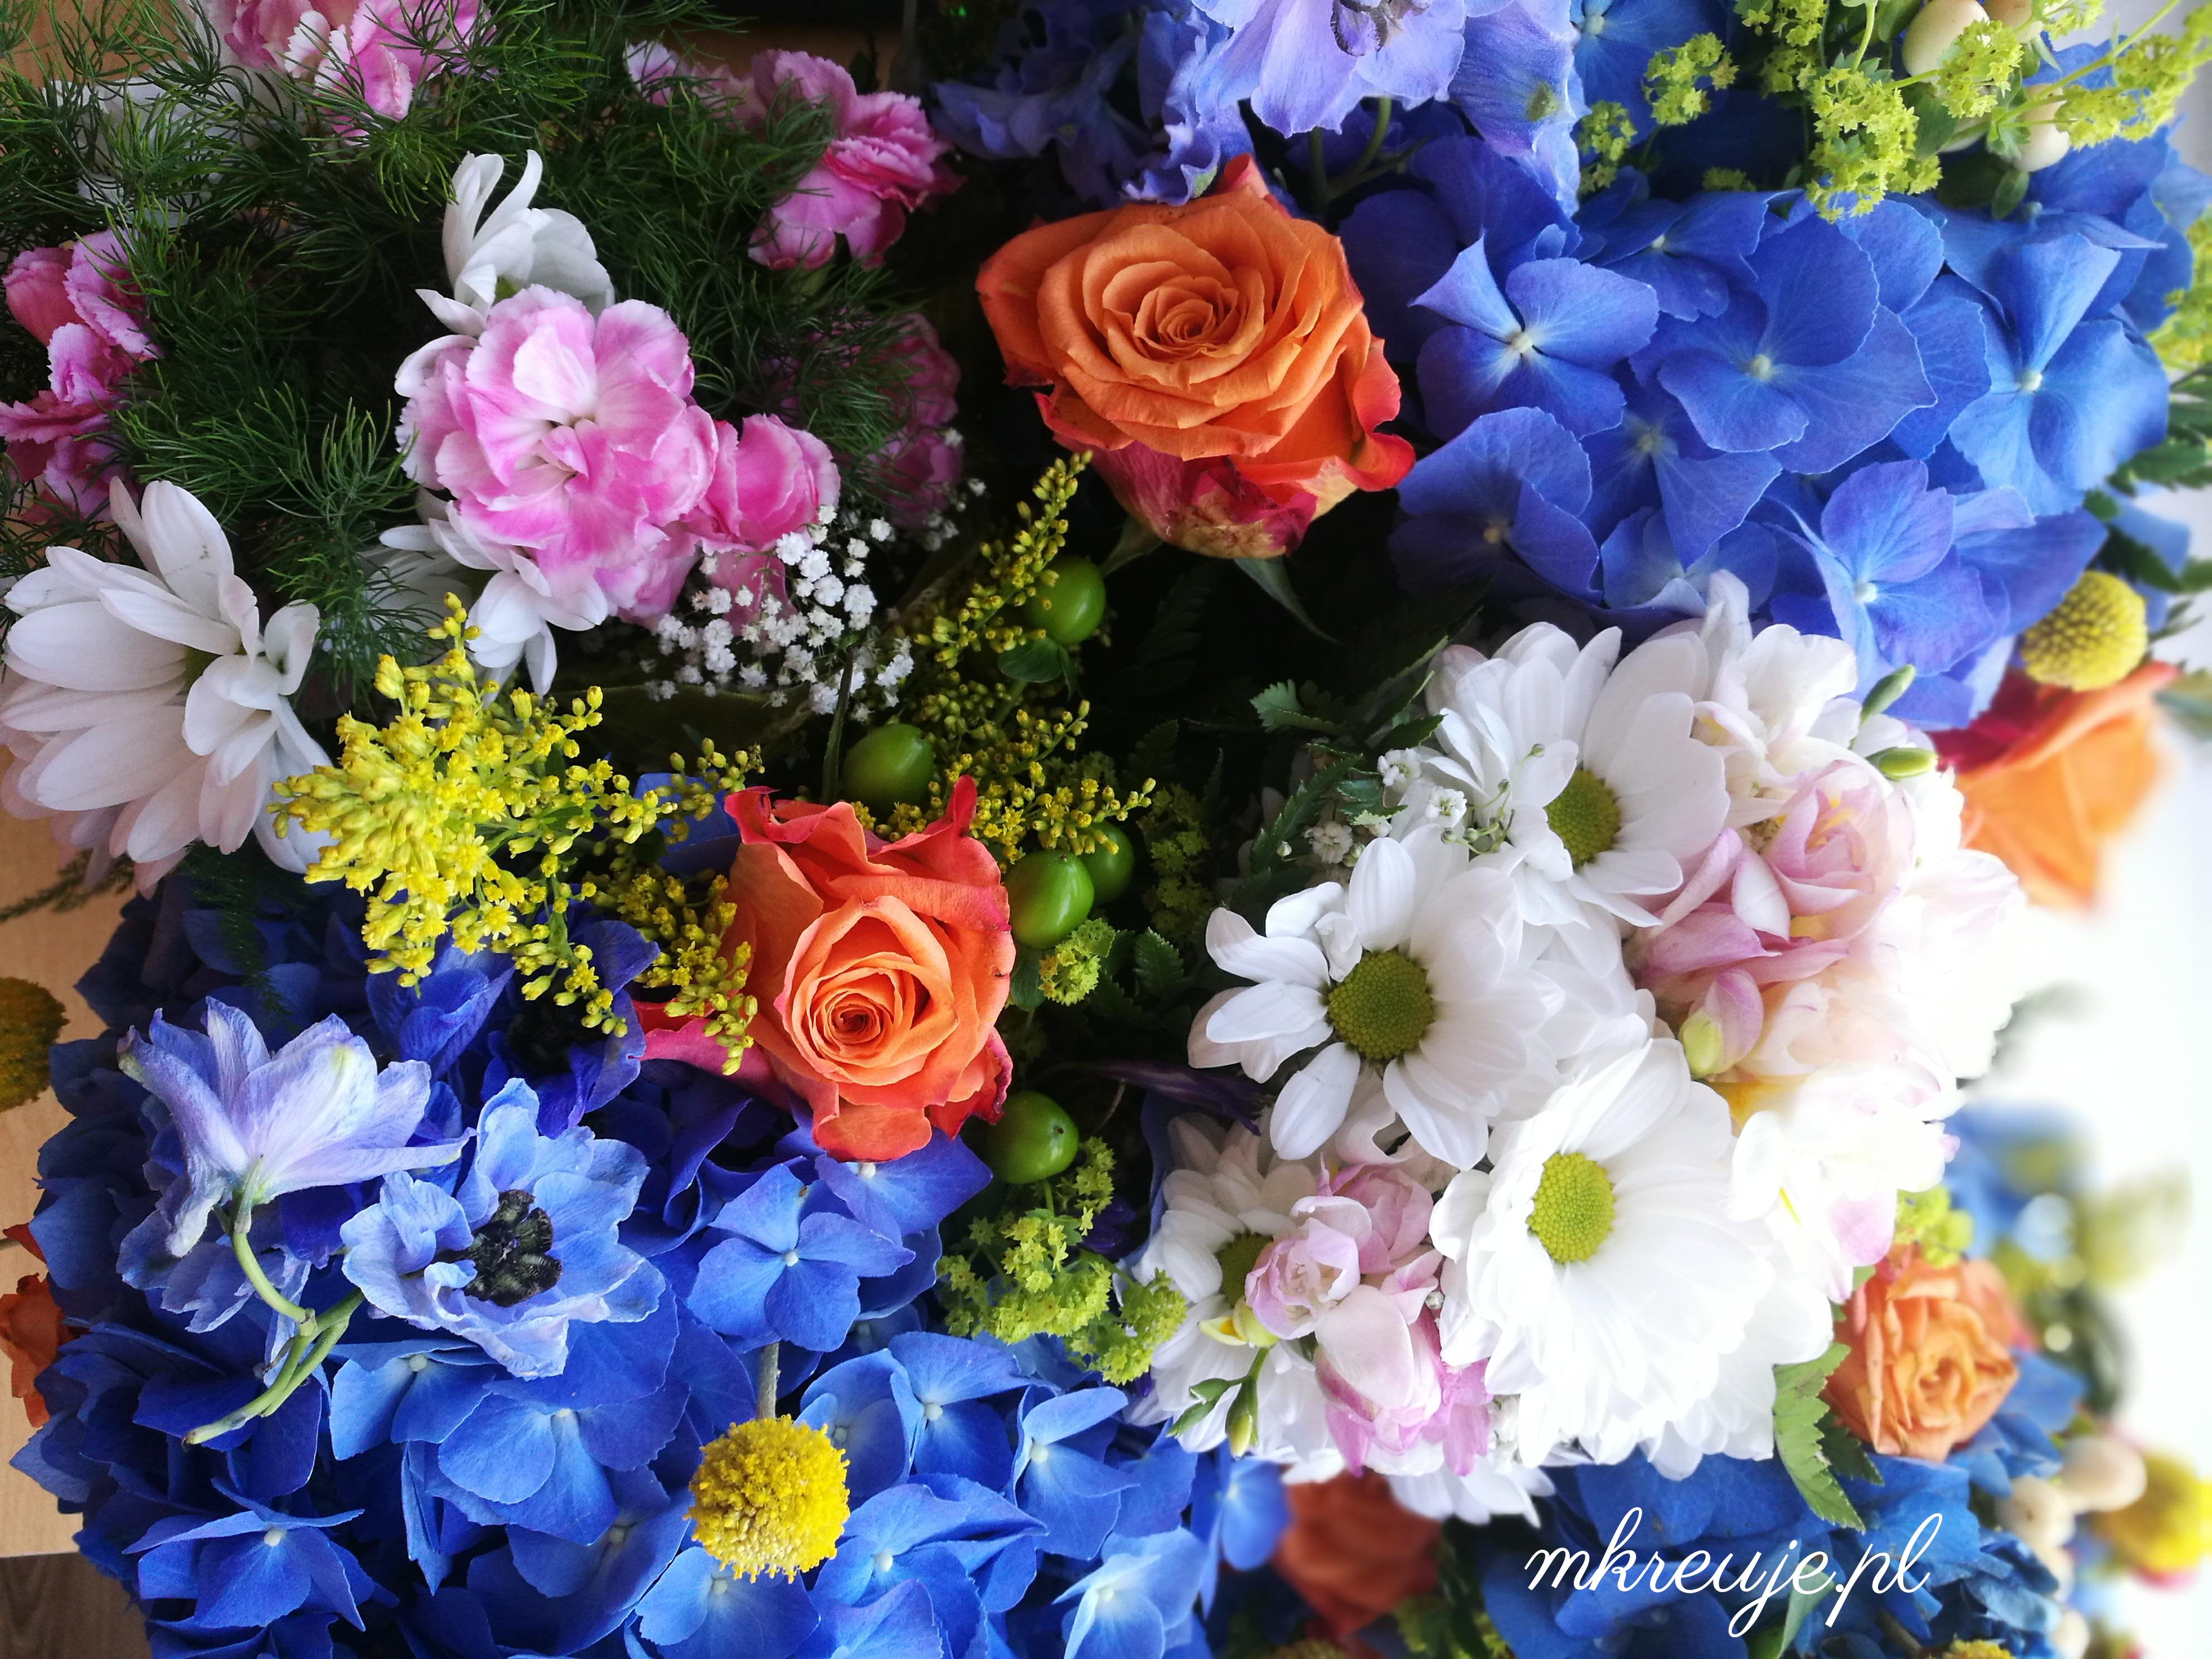 jak zorganizować ślub i przyjęcie weselne, kwiaty ślub diy zrób to sam mkreuje